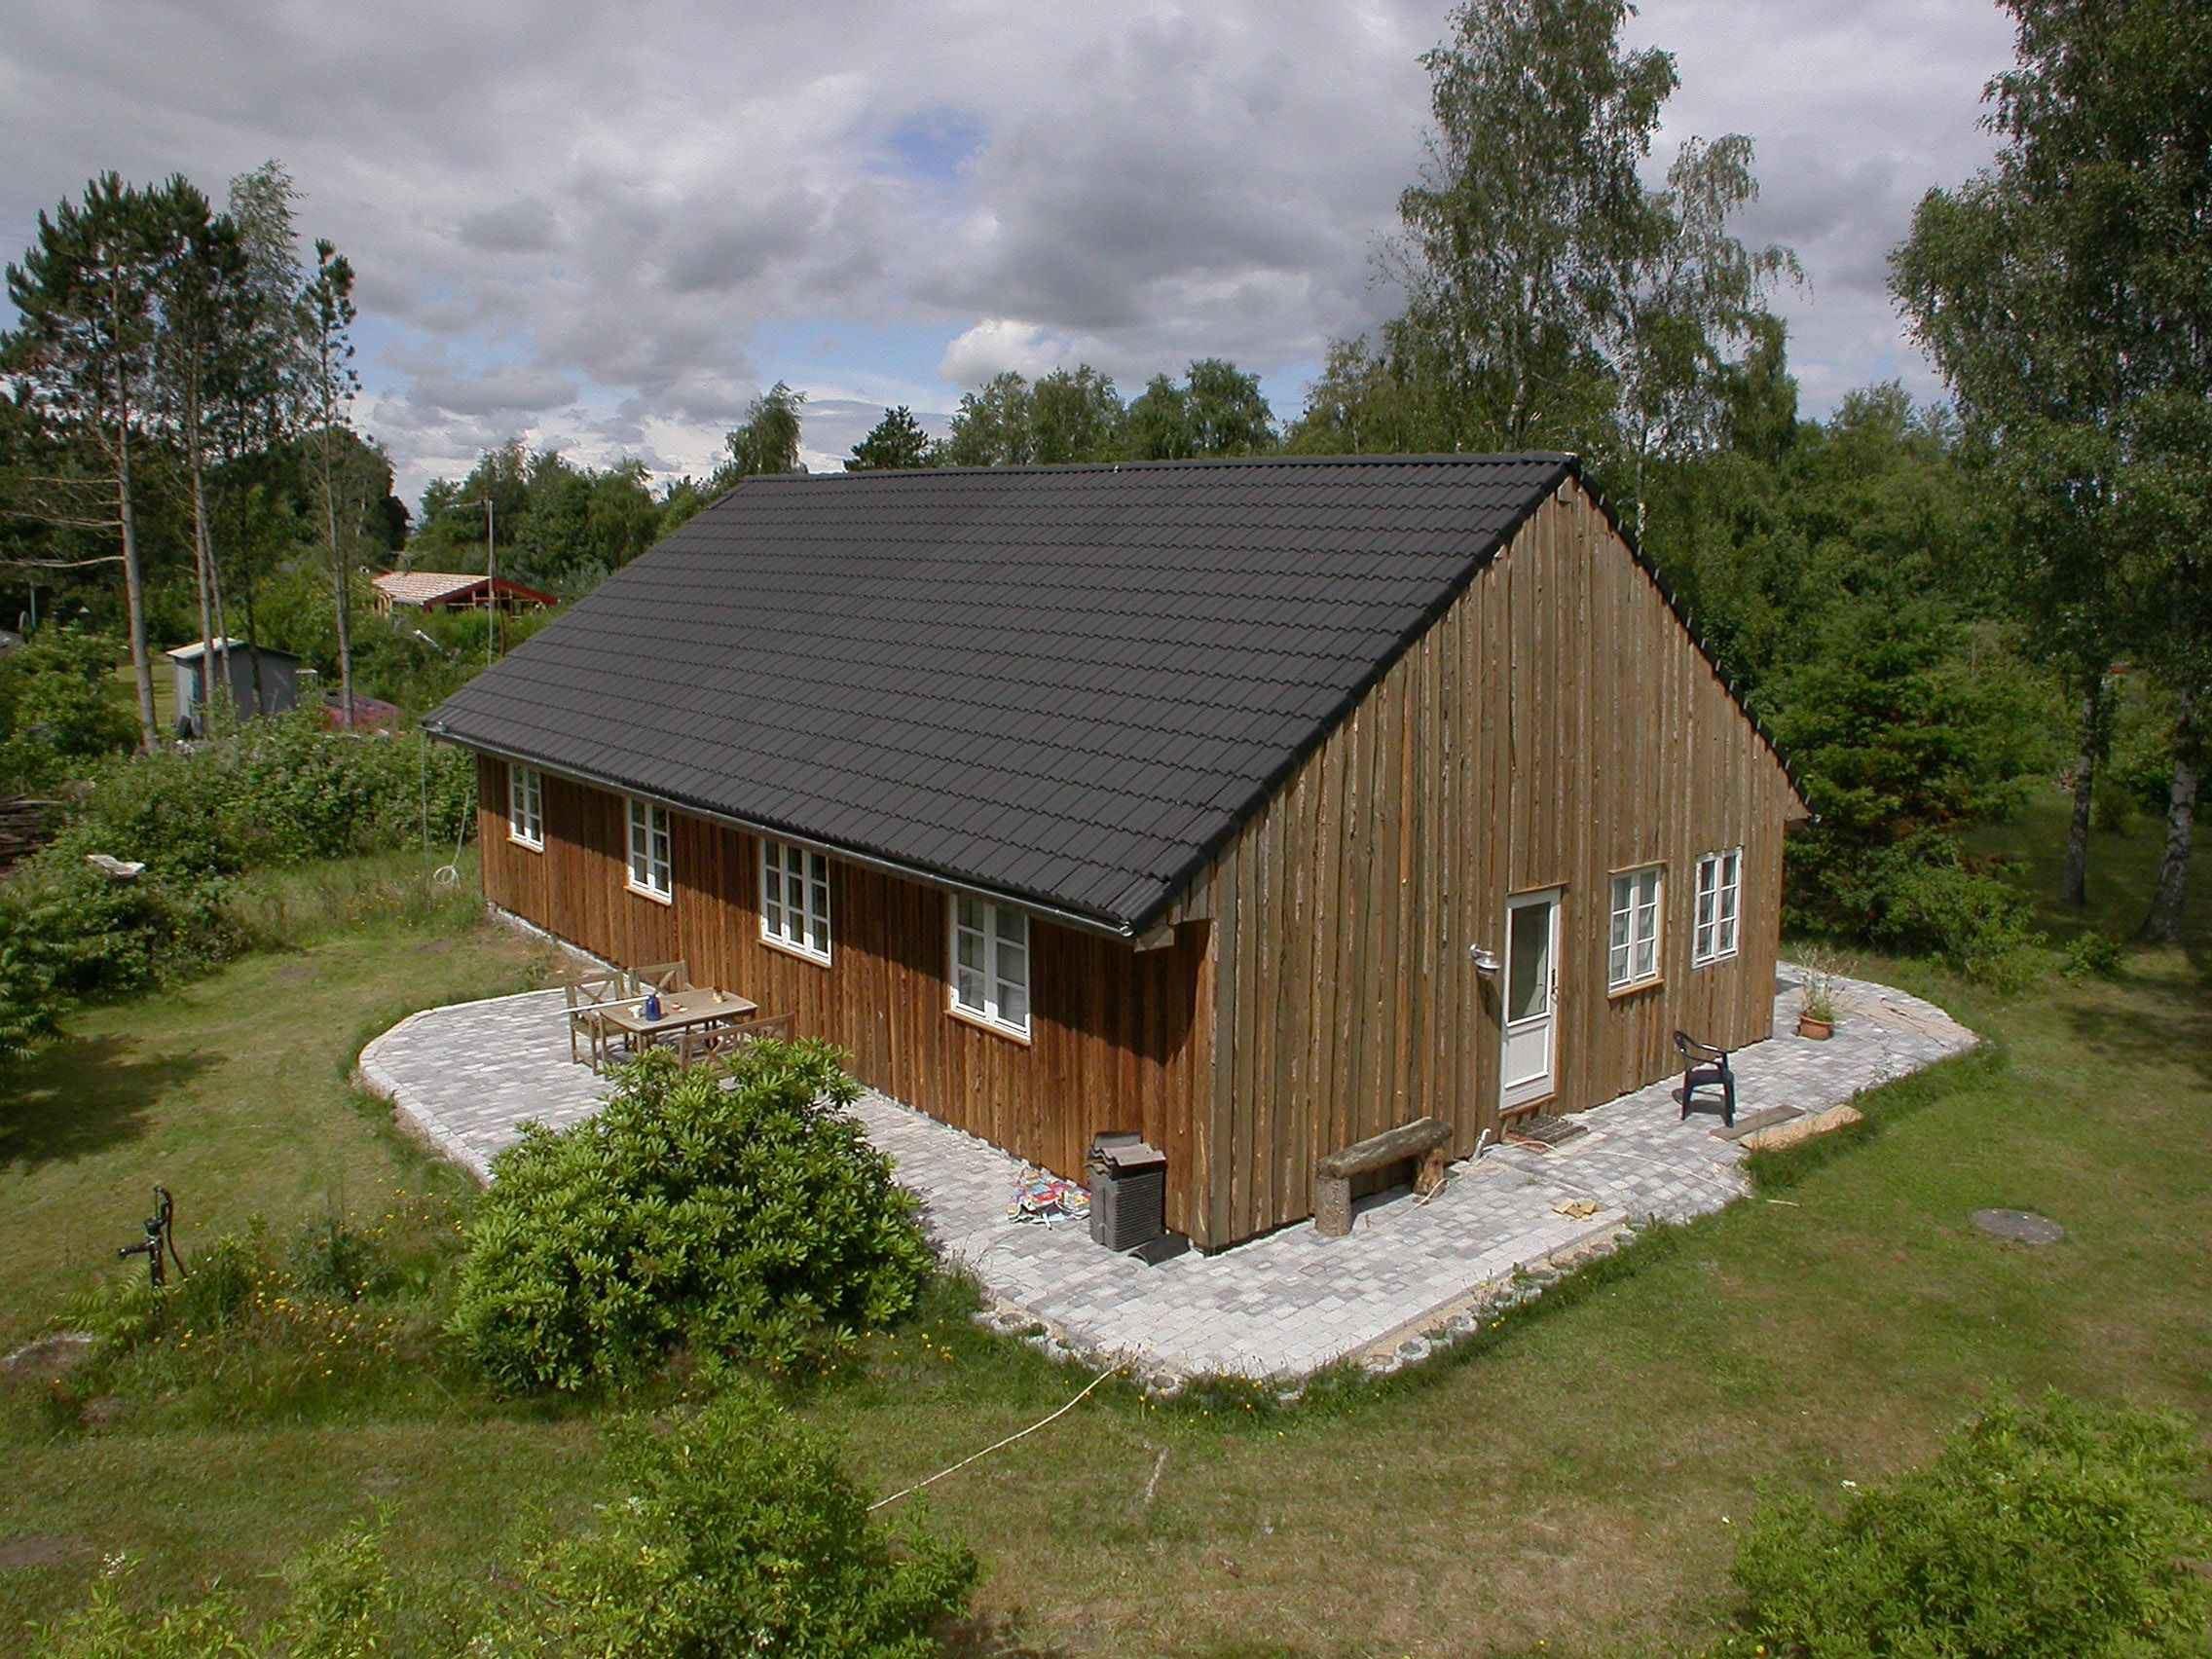 Havtornevej 3, Udbyhøj Syd, 8950 Ørsted